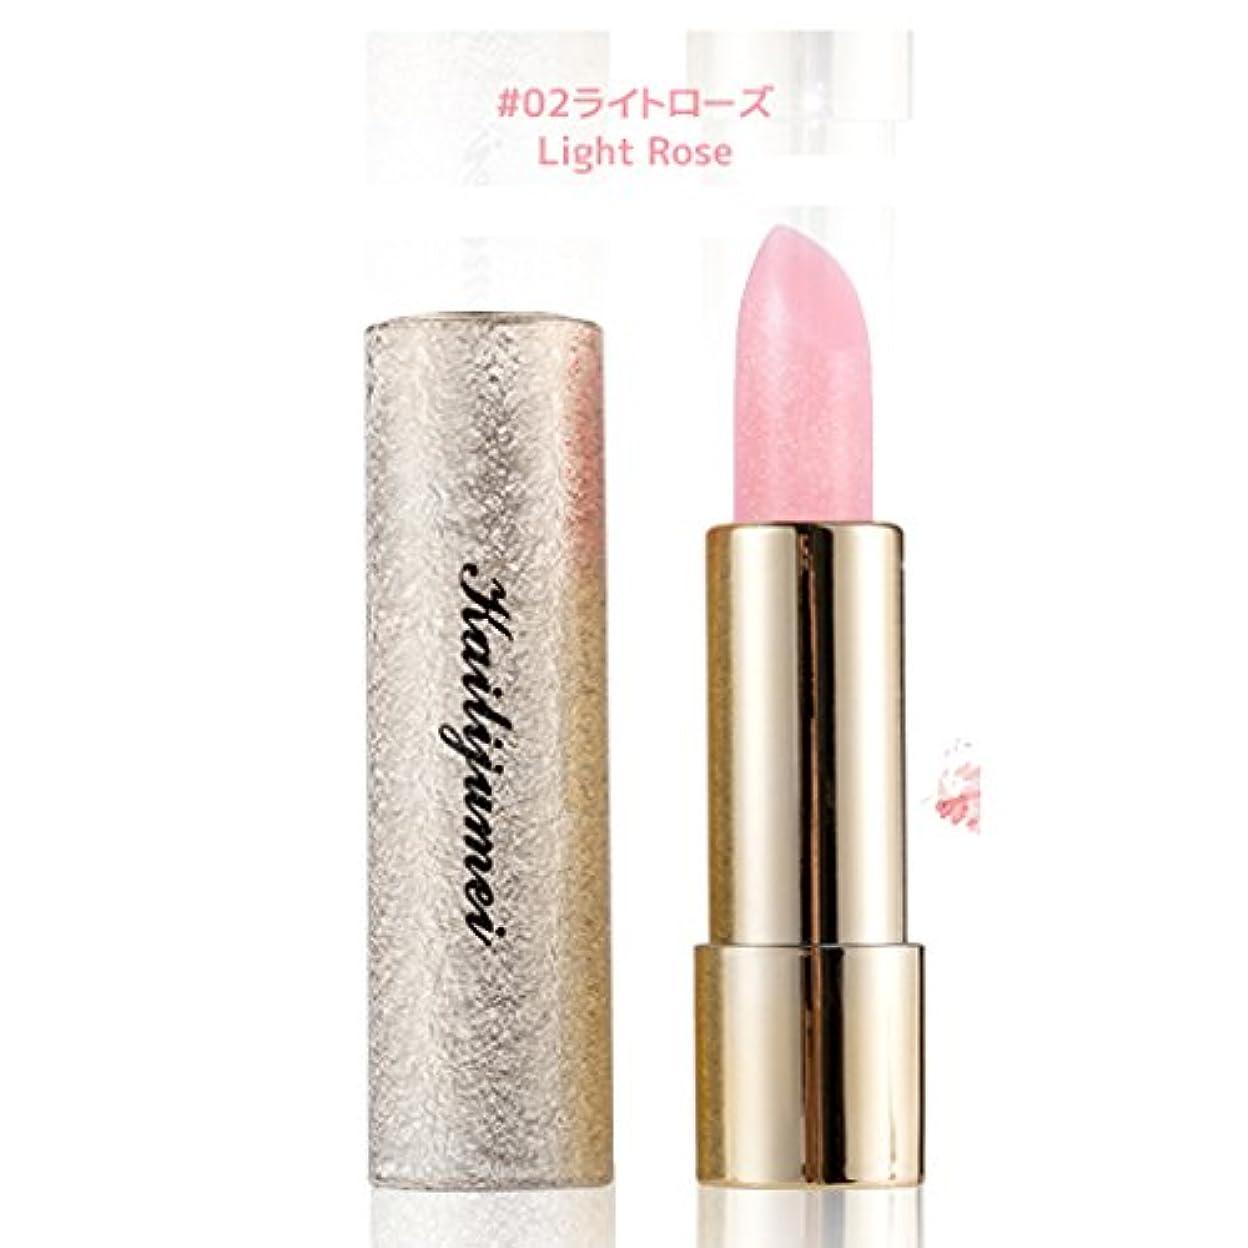 ずるいユーザーさびた【Kailijumei】カイリジュメイ ブライトパール リップスティック/02# ライトローズ/Light Rose/Bright Pearl/温度によって色が変わる/口紅/リップクリーム/リップグロス/正規品 [メール便]